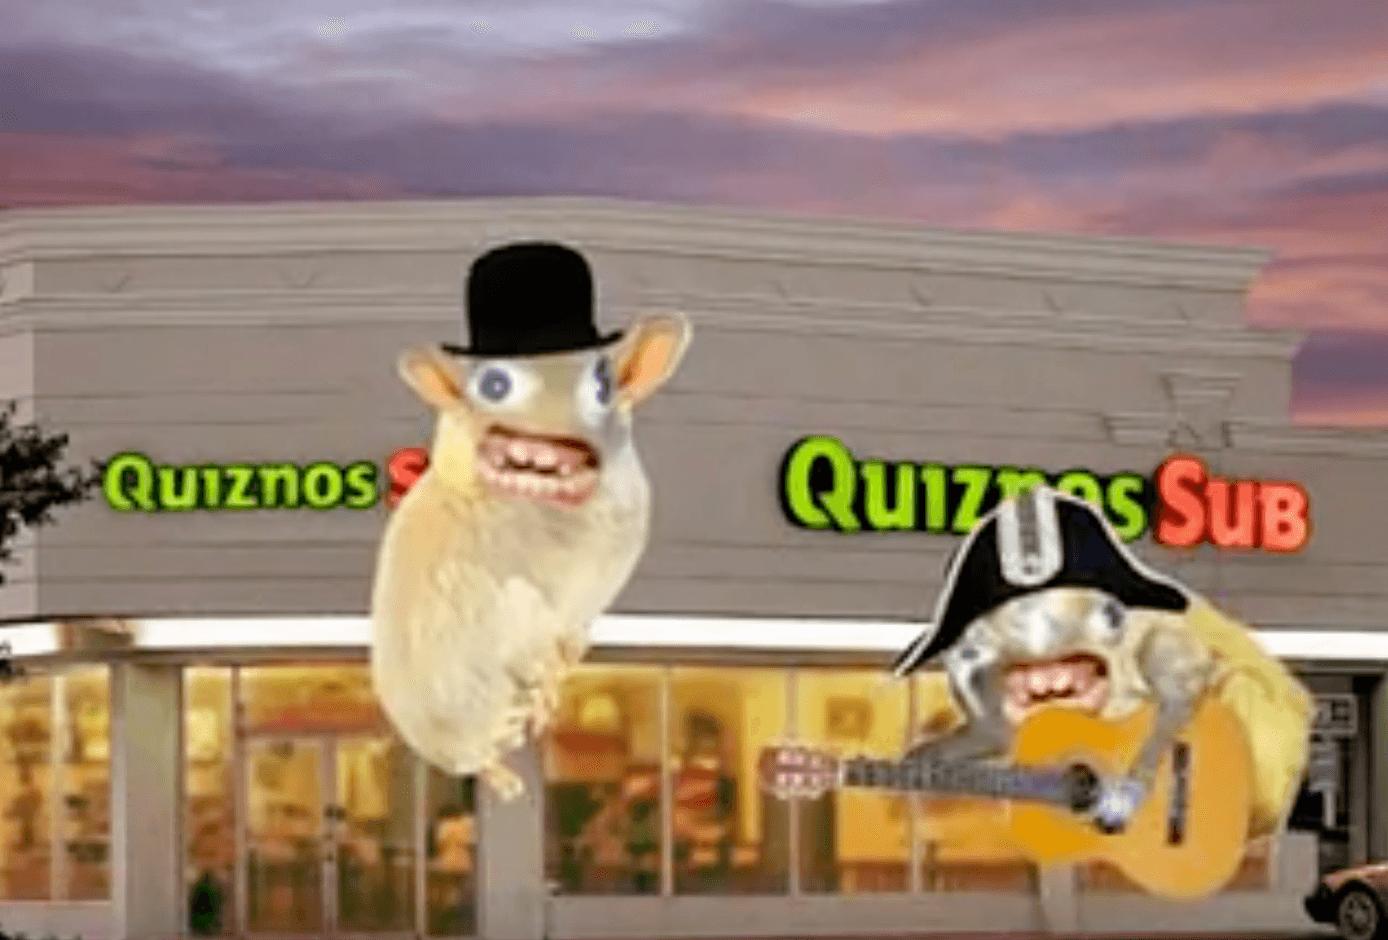 Quiznos Spongmonkeys